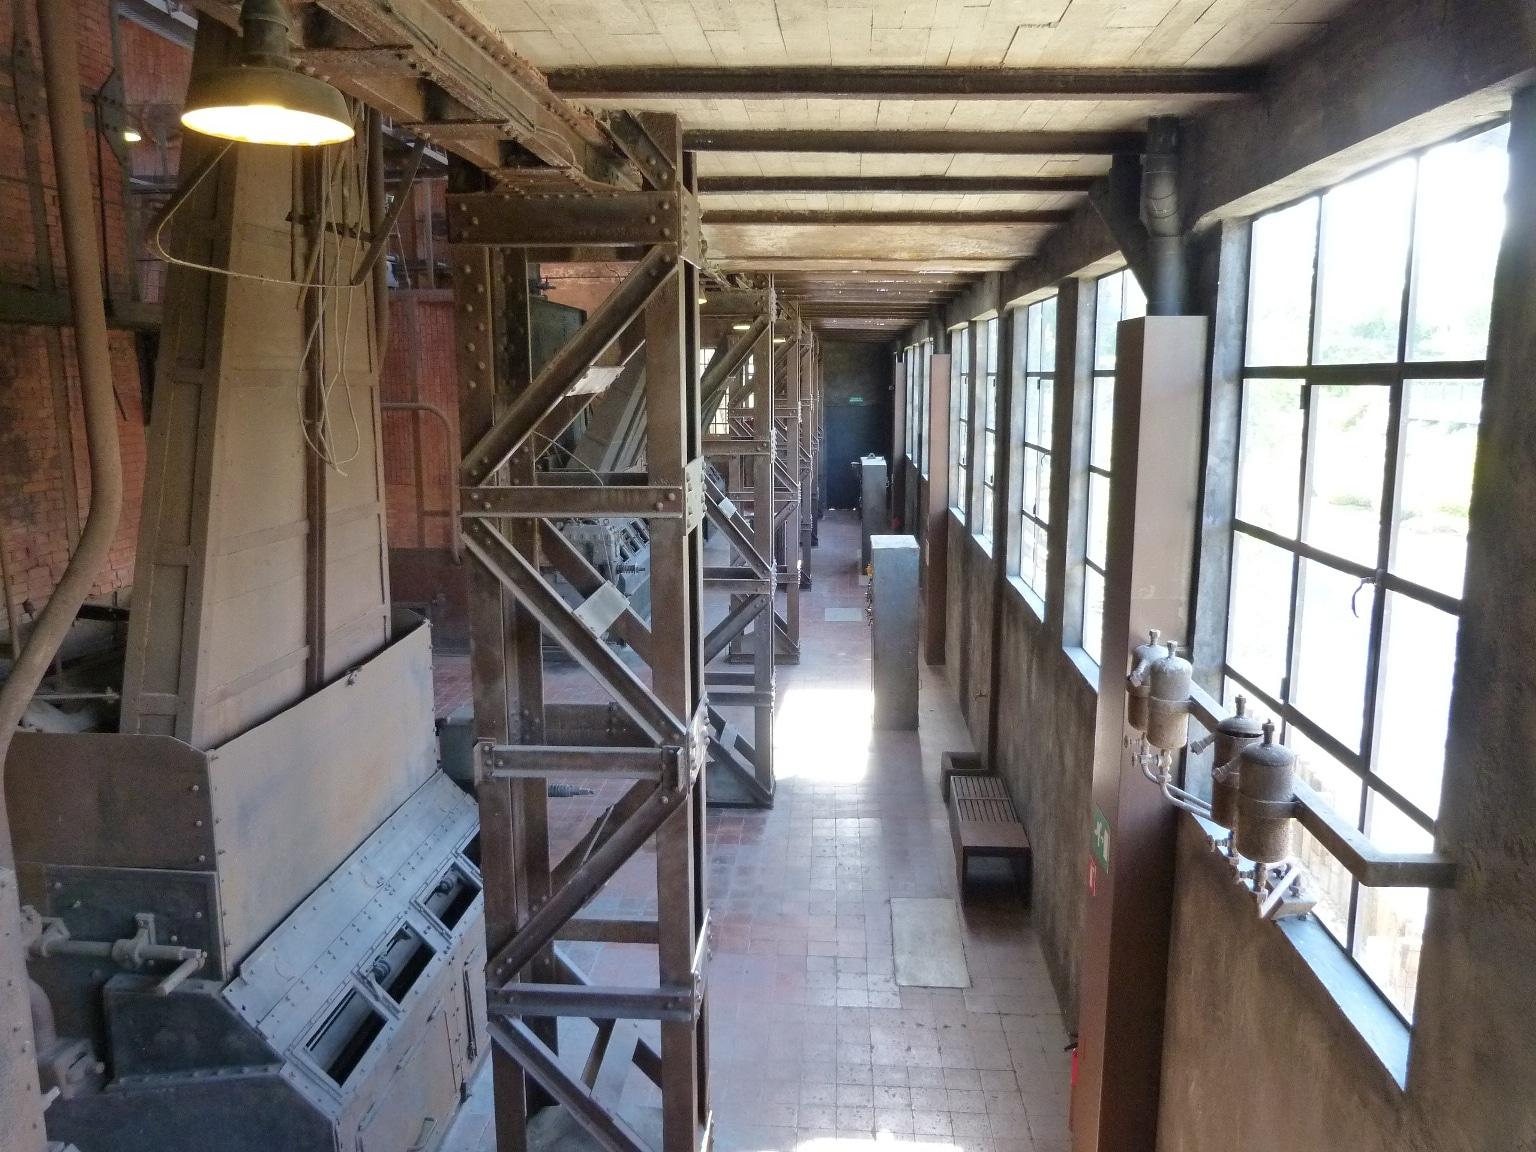 EL Museo de la Energía organiza una yincana en la nave de calderas 1